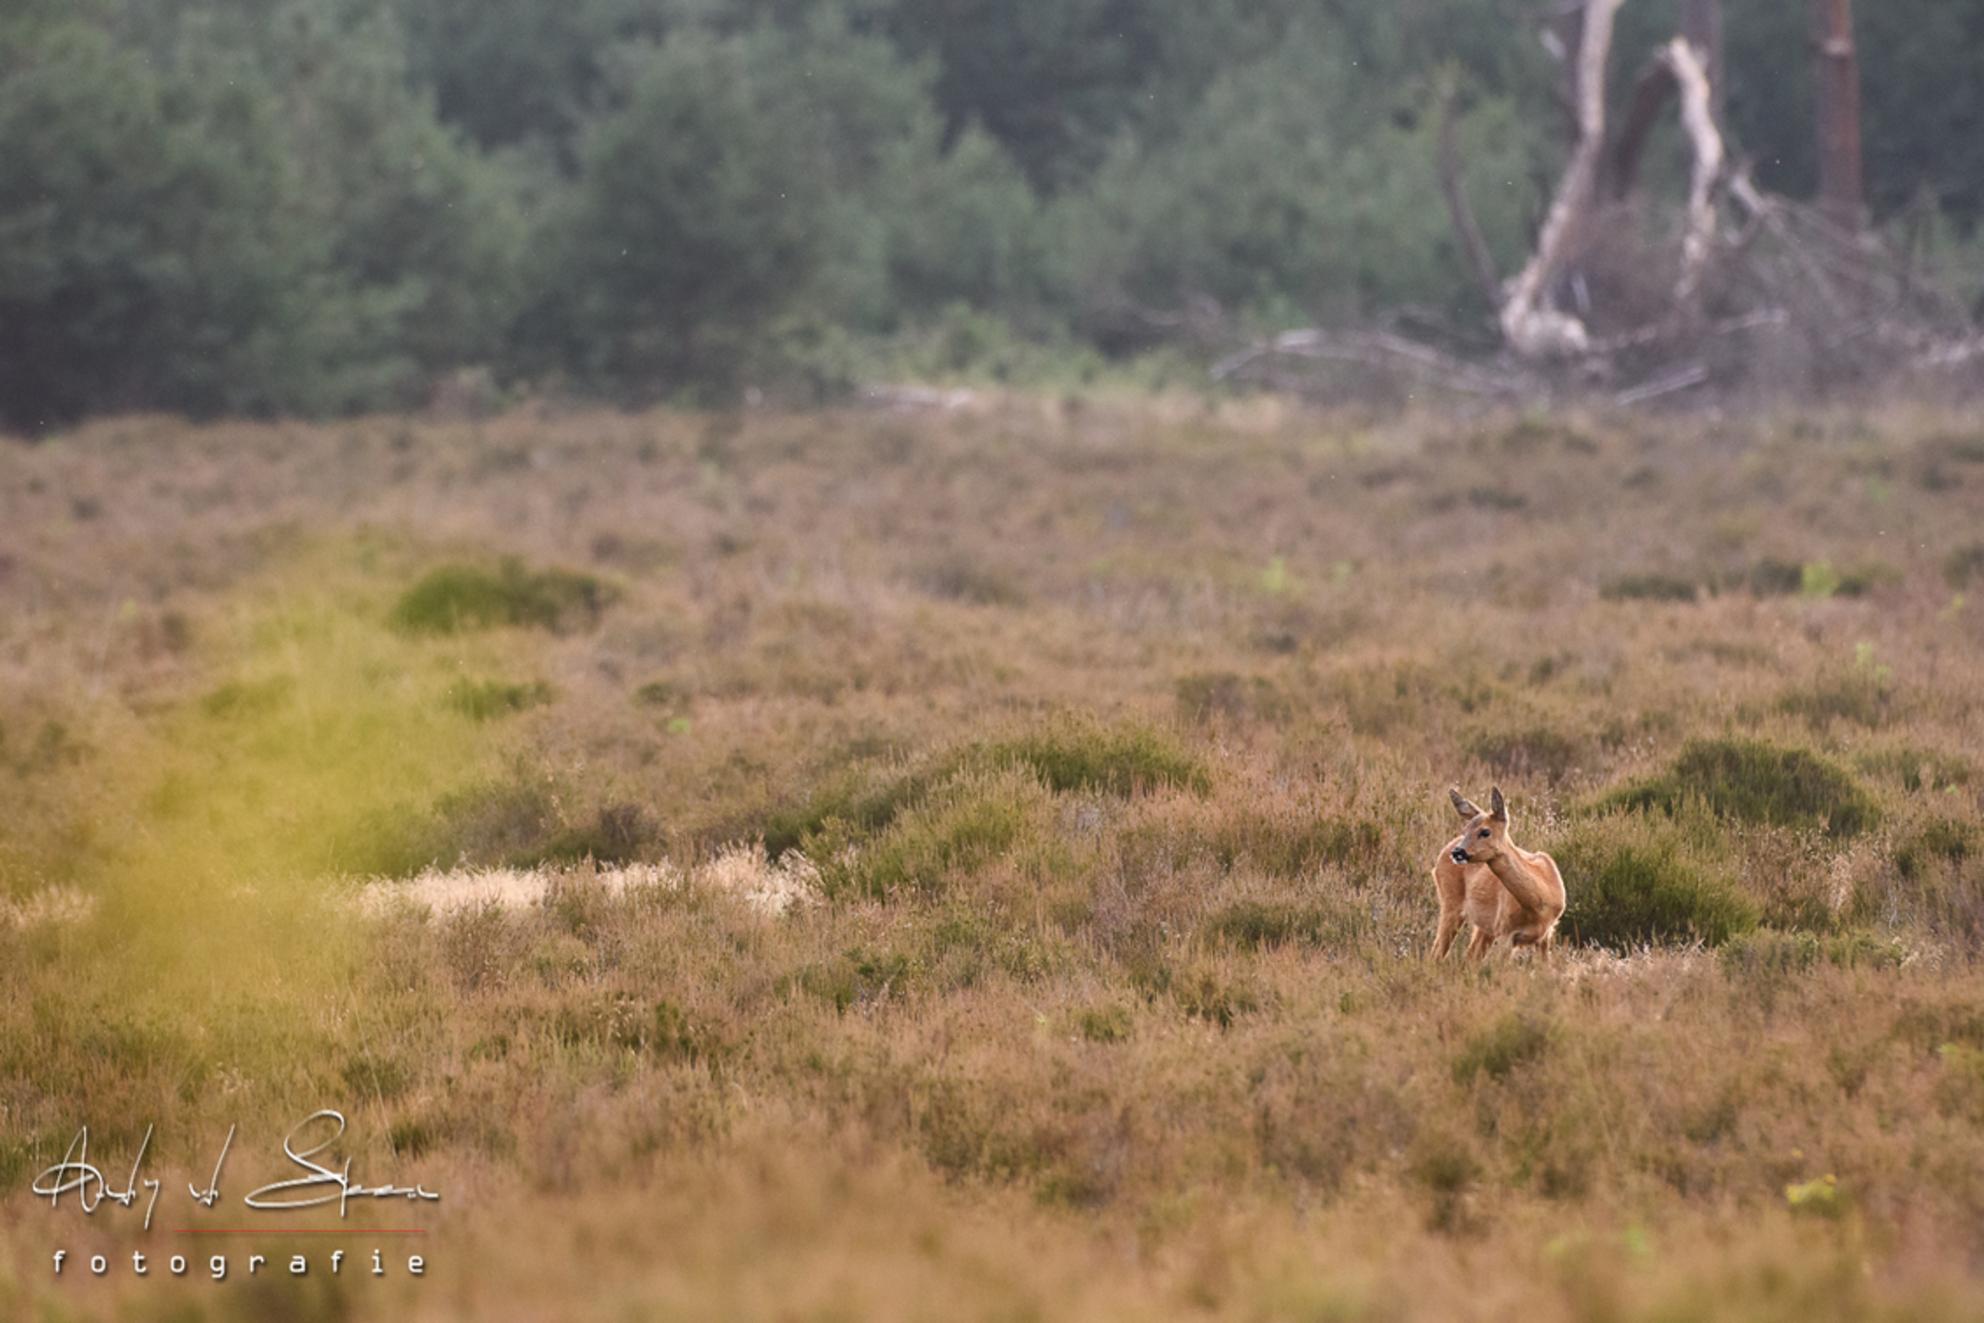 ree - - - foto door AndyvdSteen op 27-07-2020 - deze foto bevat: ree, reeen, reetjes, reetje, hogeveluwe, Park de Hoge Veluwe, Nationaal park de hoge veluwe, nationaalparkhogeveluwe, nationaalparkdehogeveluwe, parkdehogeveluwe, parkhogeveluwe - Deze foto mag gebruikt worden in een Zoom.nl publicatie